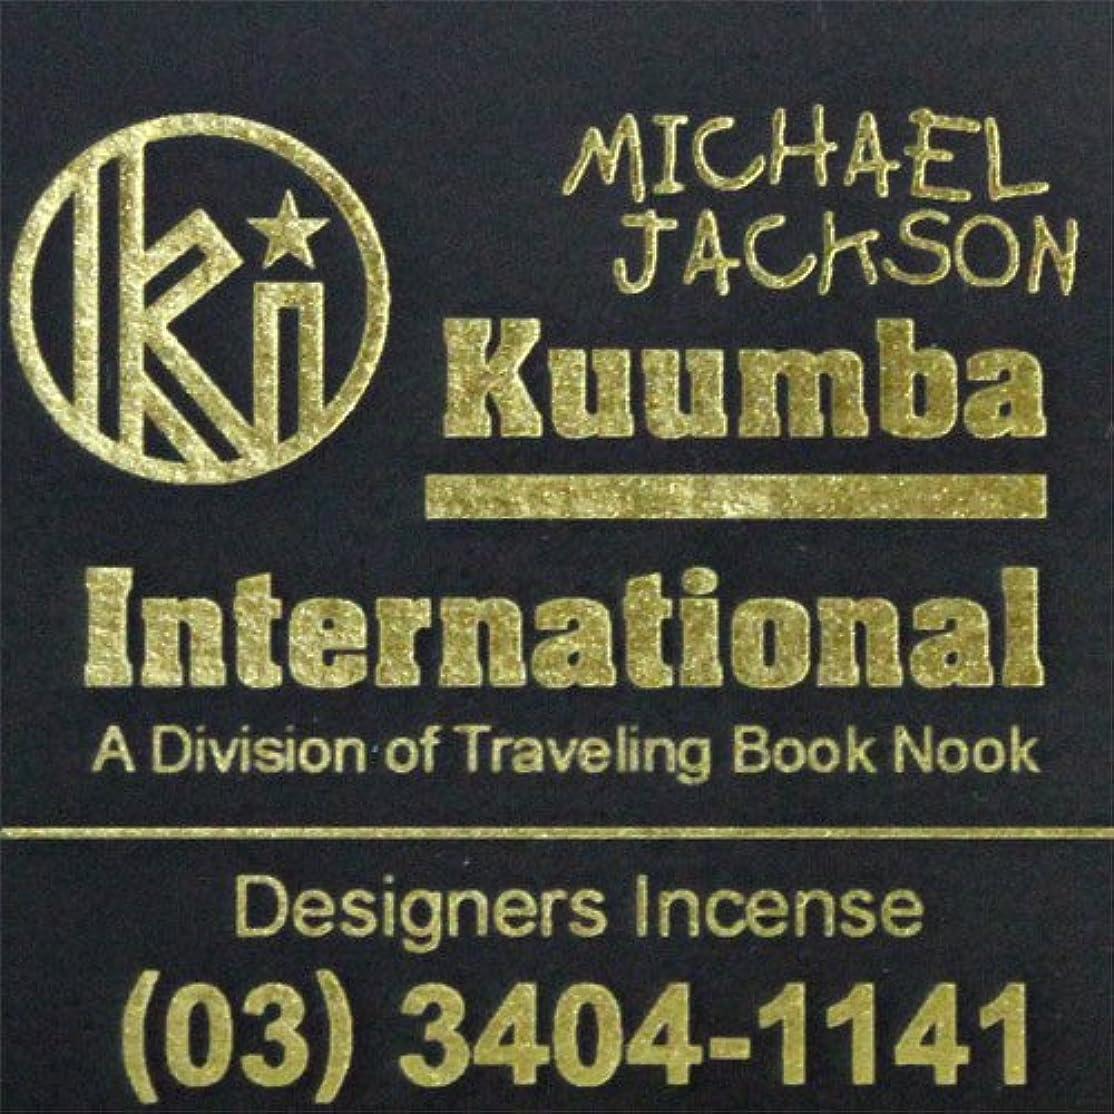 ソーセージに変わる装備する(クンバ) KUUMBA『incense』(MICHAEL JACKSON) (Regular size)